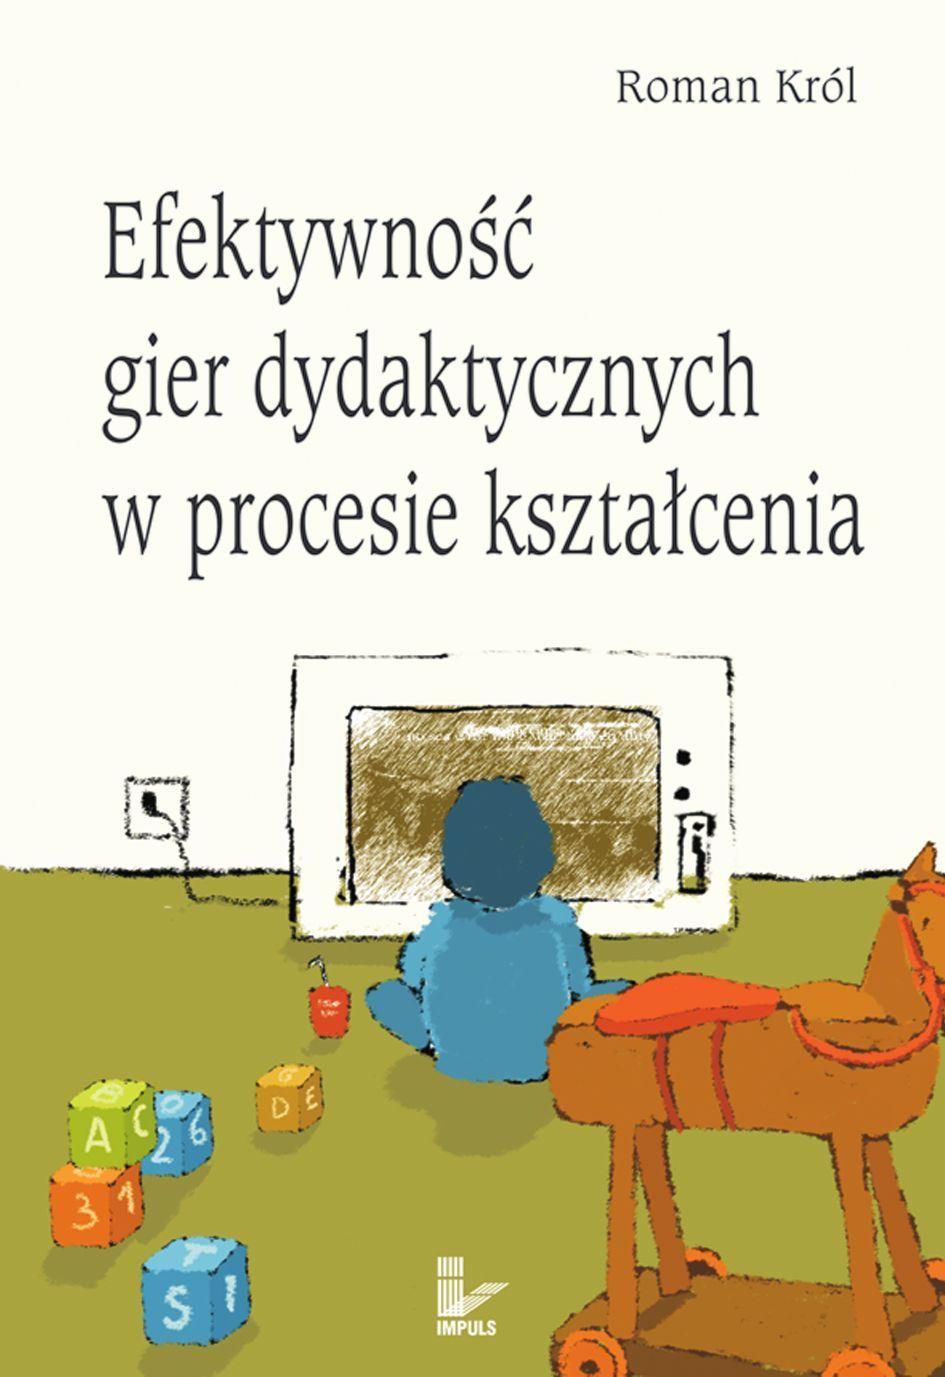 Efektywność gier dydaktycznych w procesie kształcenia - Ebook (Książka PDF) do pobrania w formacie PDF